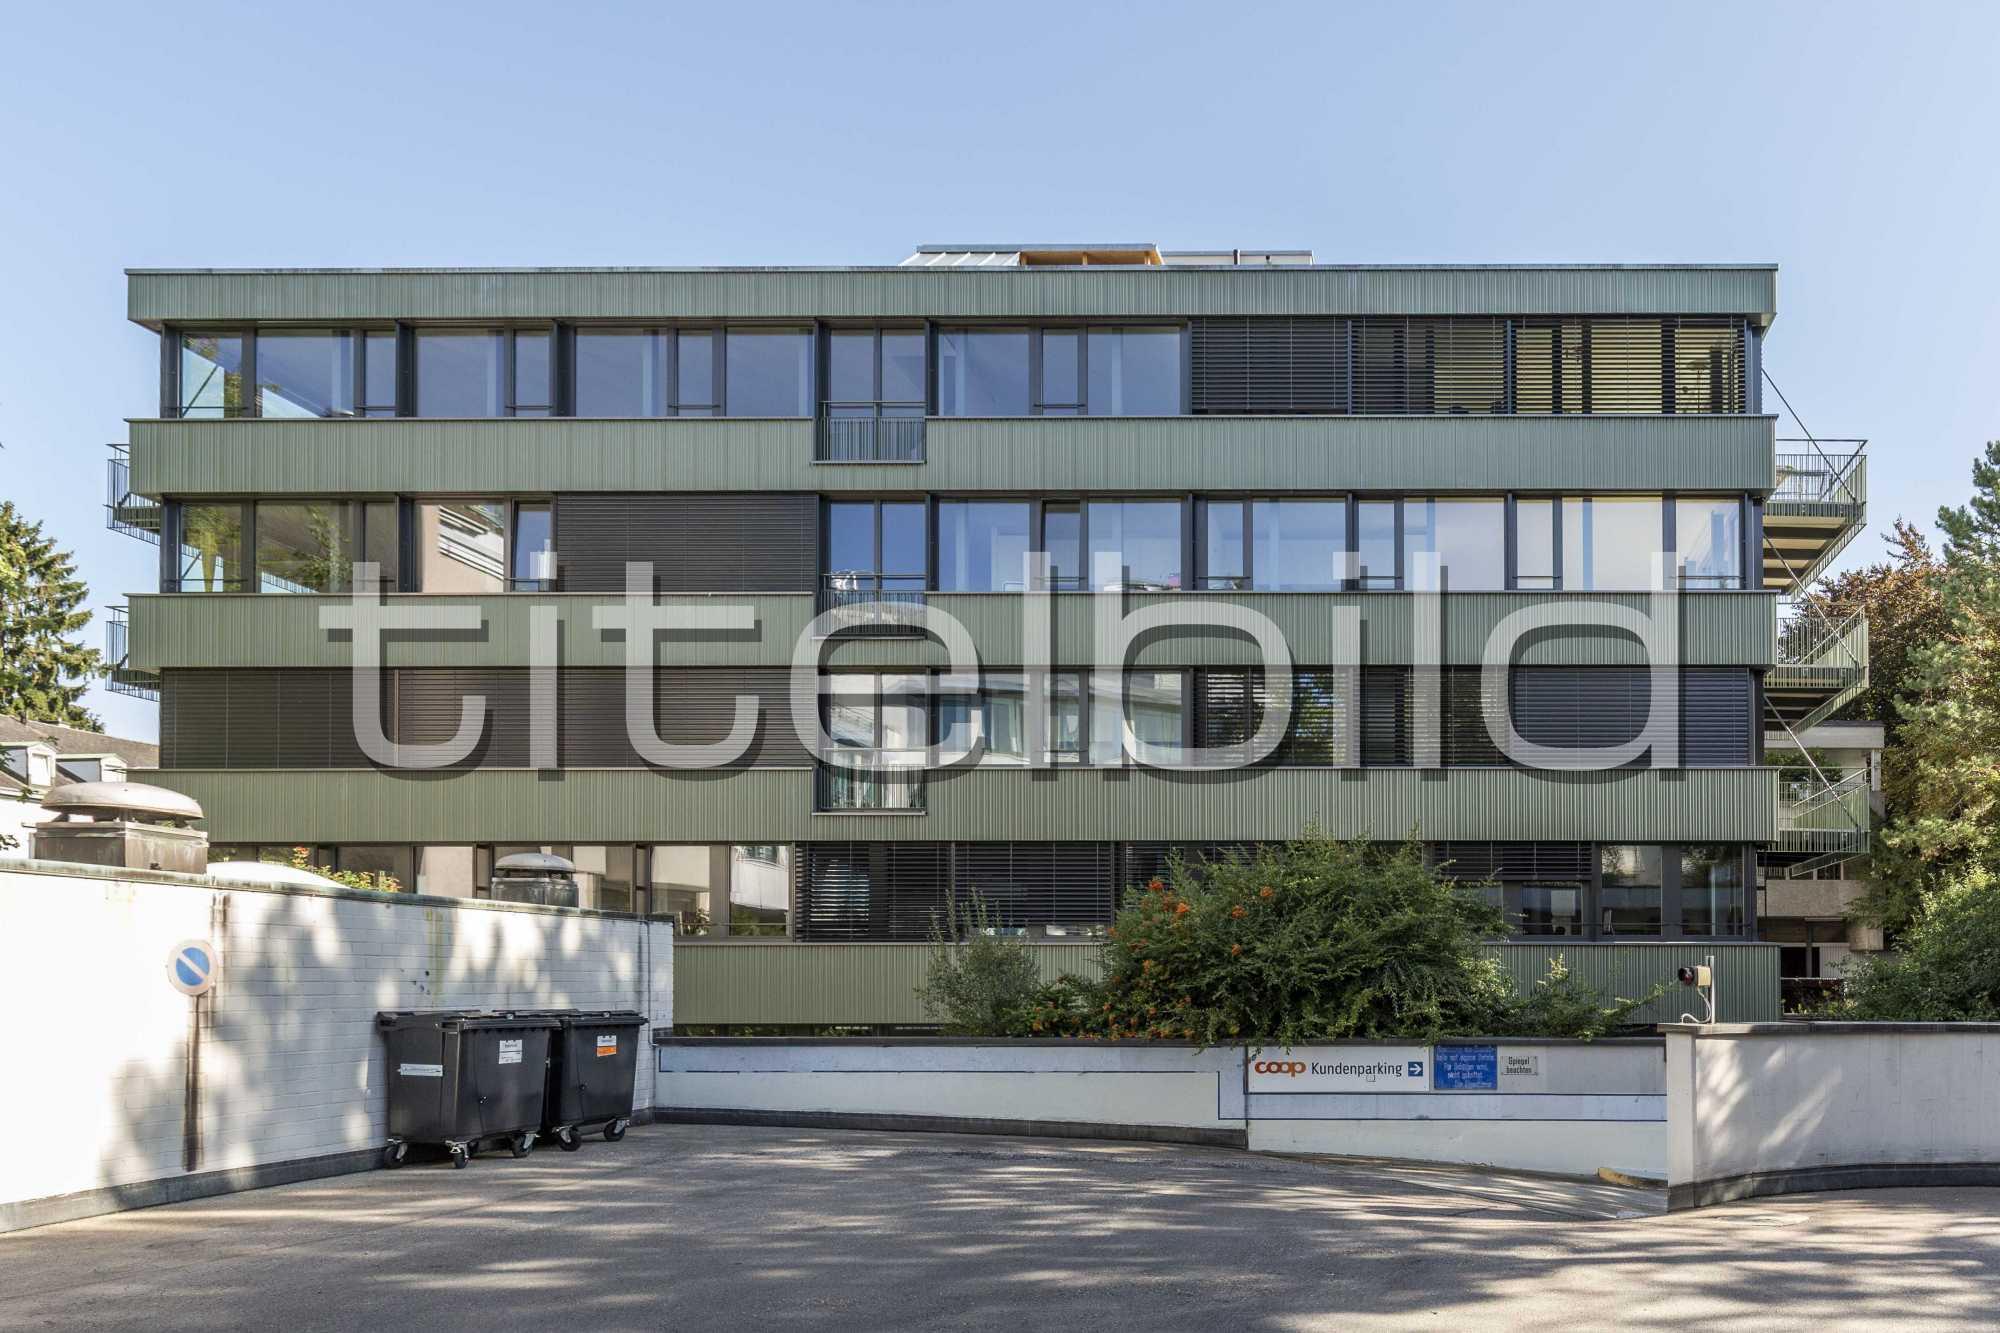 Projektbild-Nr. 2: Wohnen und Arbeiten an der Grellingerstrasse